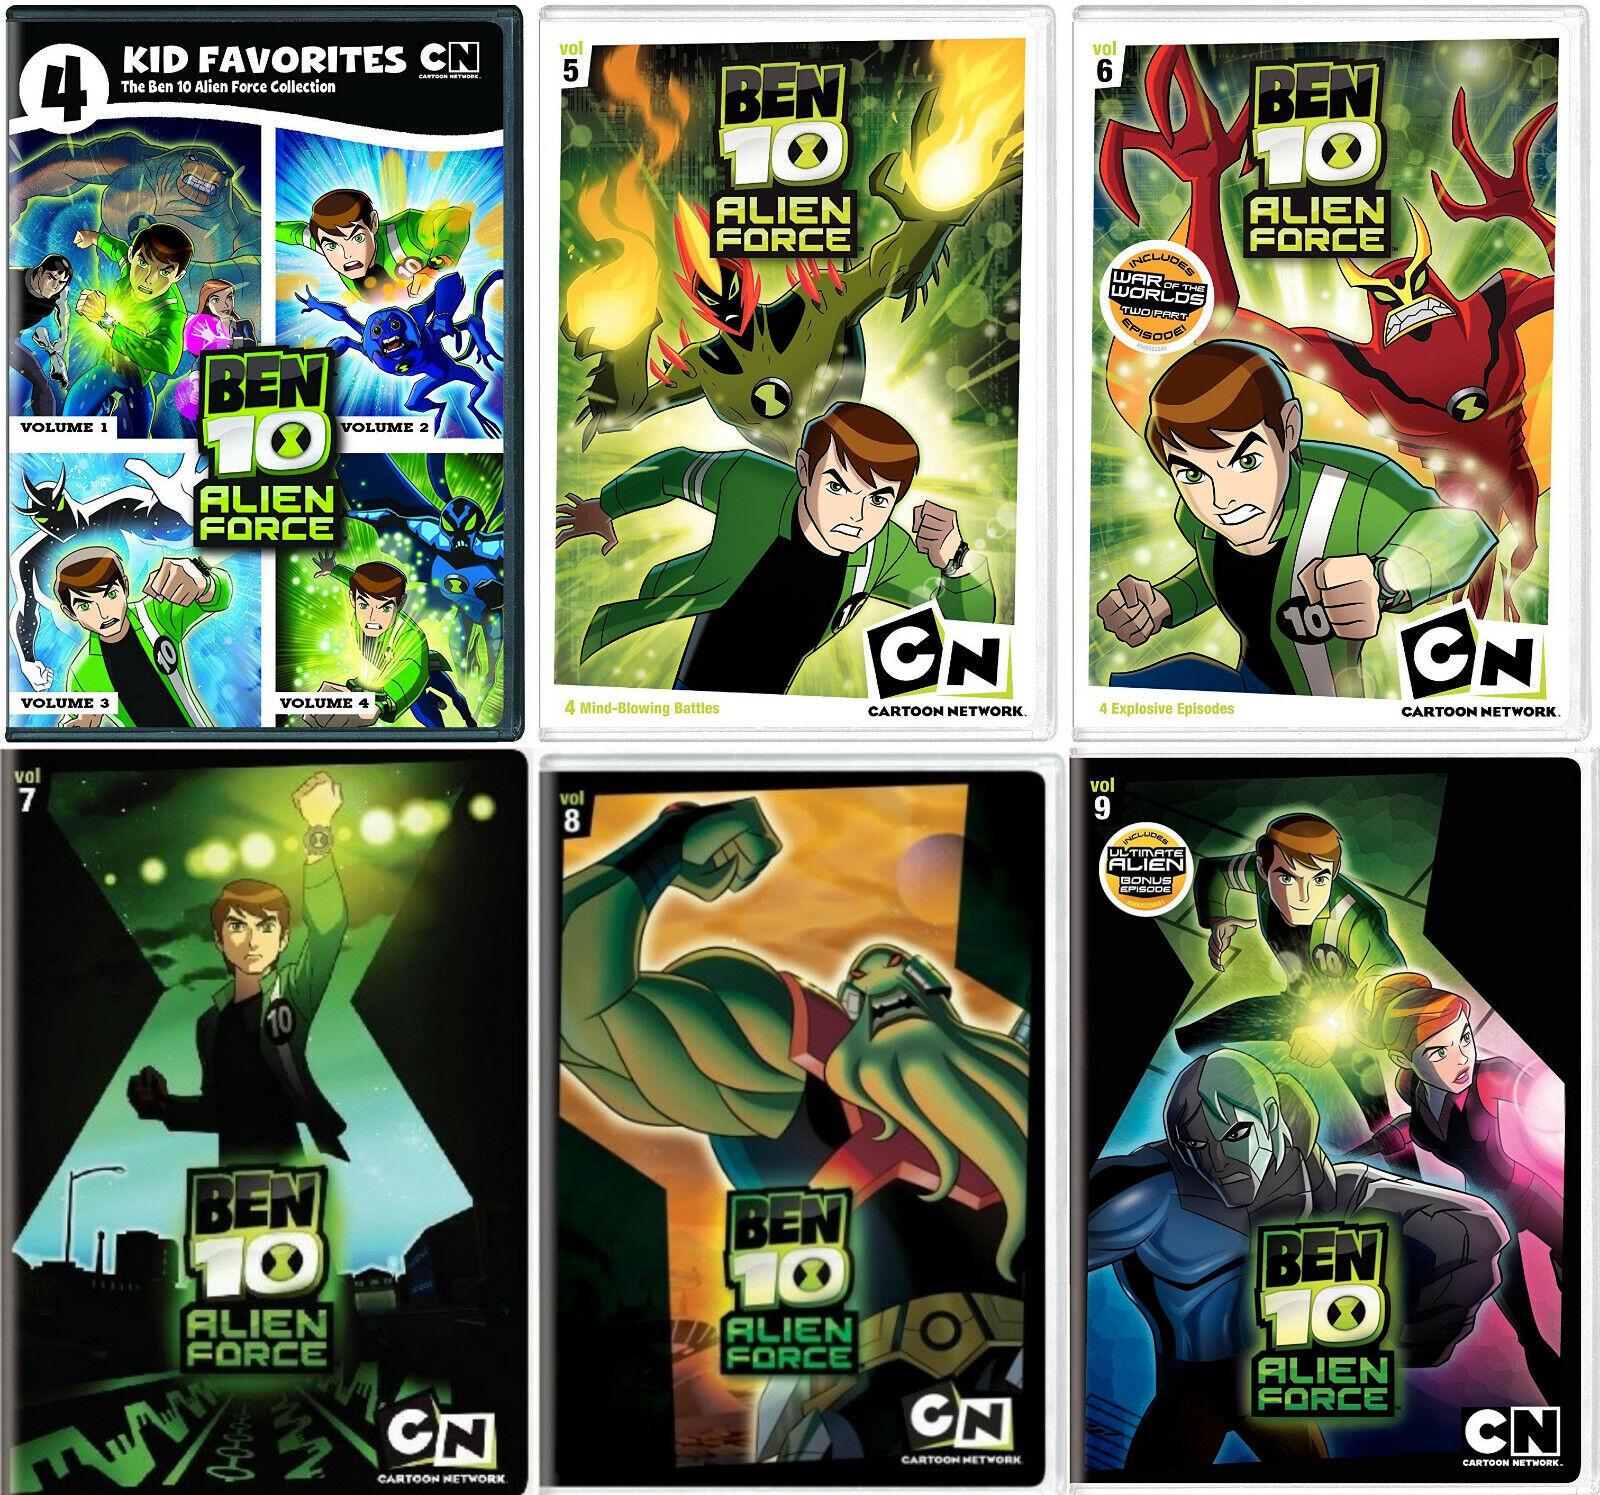 Ben 10 Alien Force Series Complete Volumes 1-9 (1 2 3 4 5 6 7 8 9) NEW DVD  SET